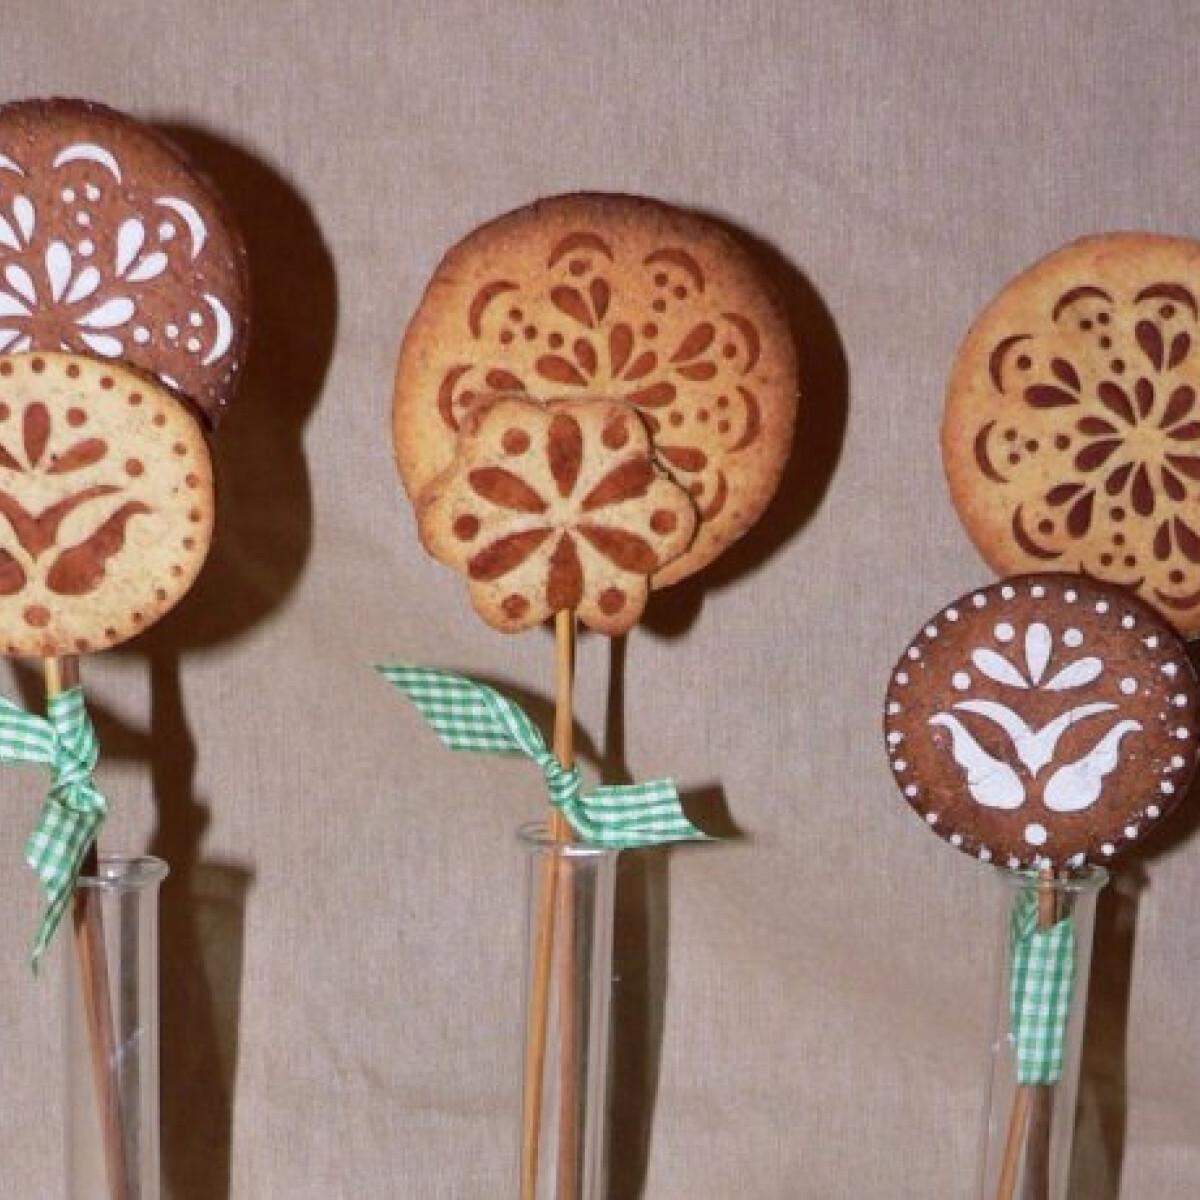 Ezen a képen: Mintás keksznyalókák